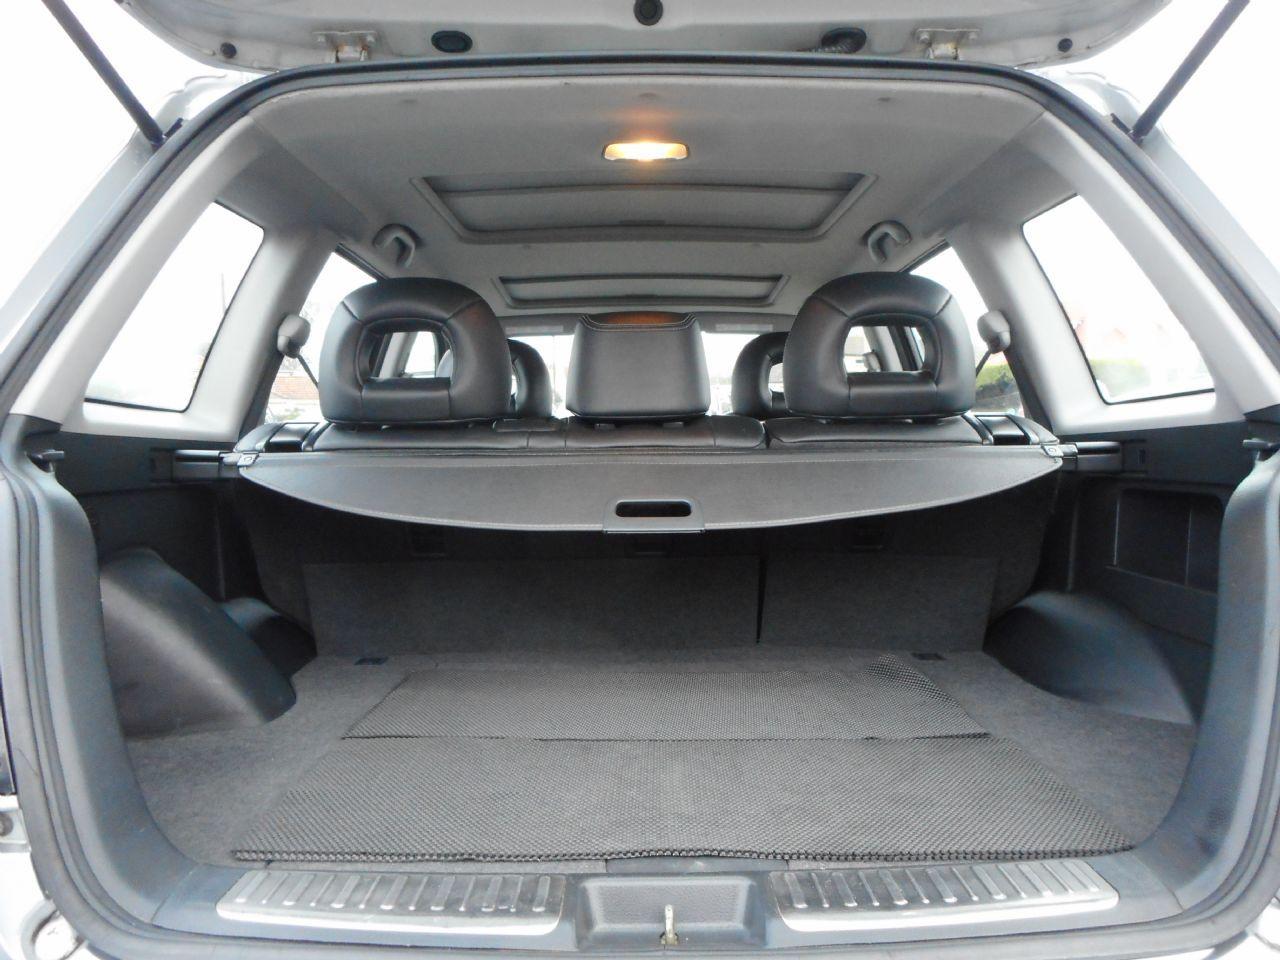 MITSUBISHI OUTLANDER 2.4 MIVEC Sport SE Auto (2006) - Picture 13